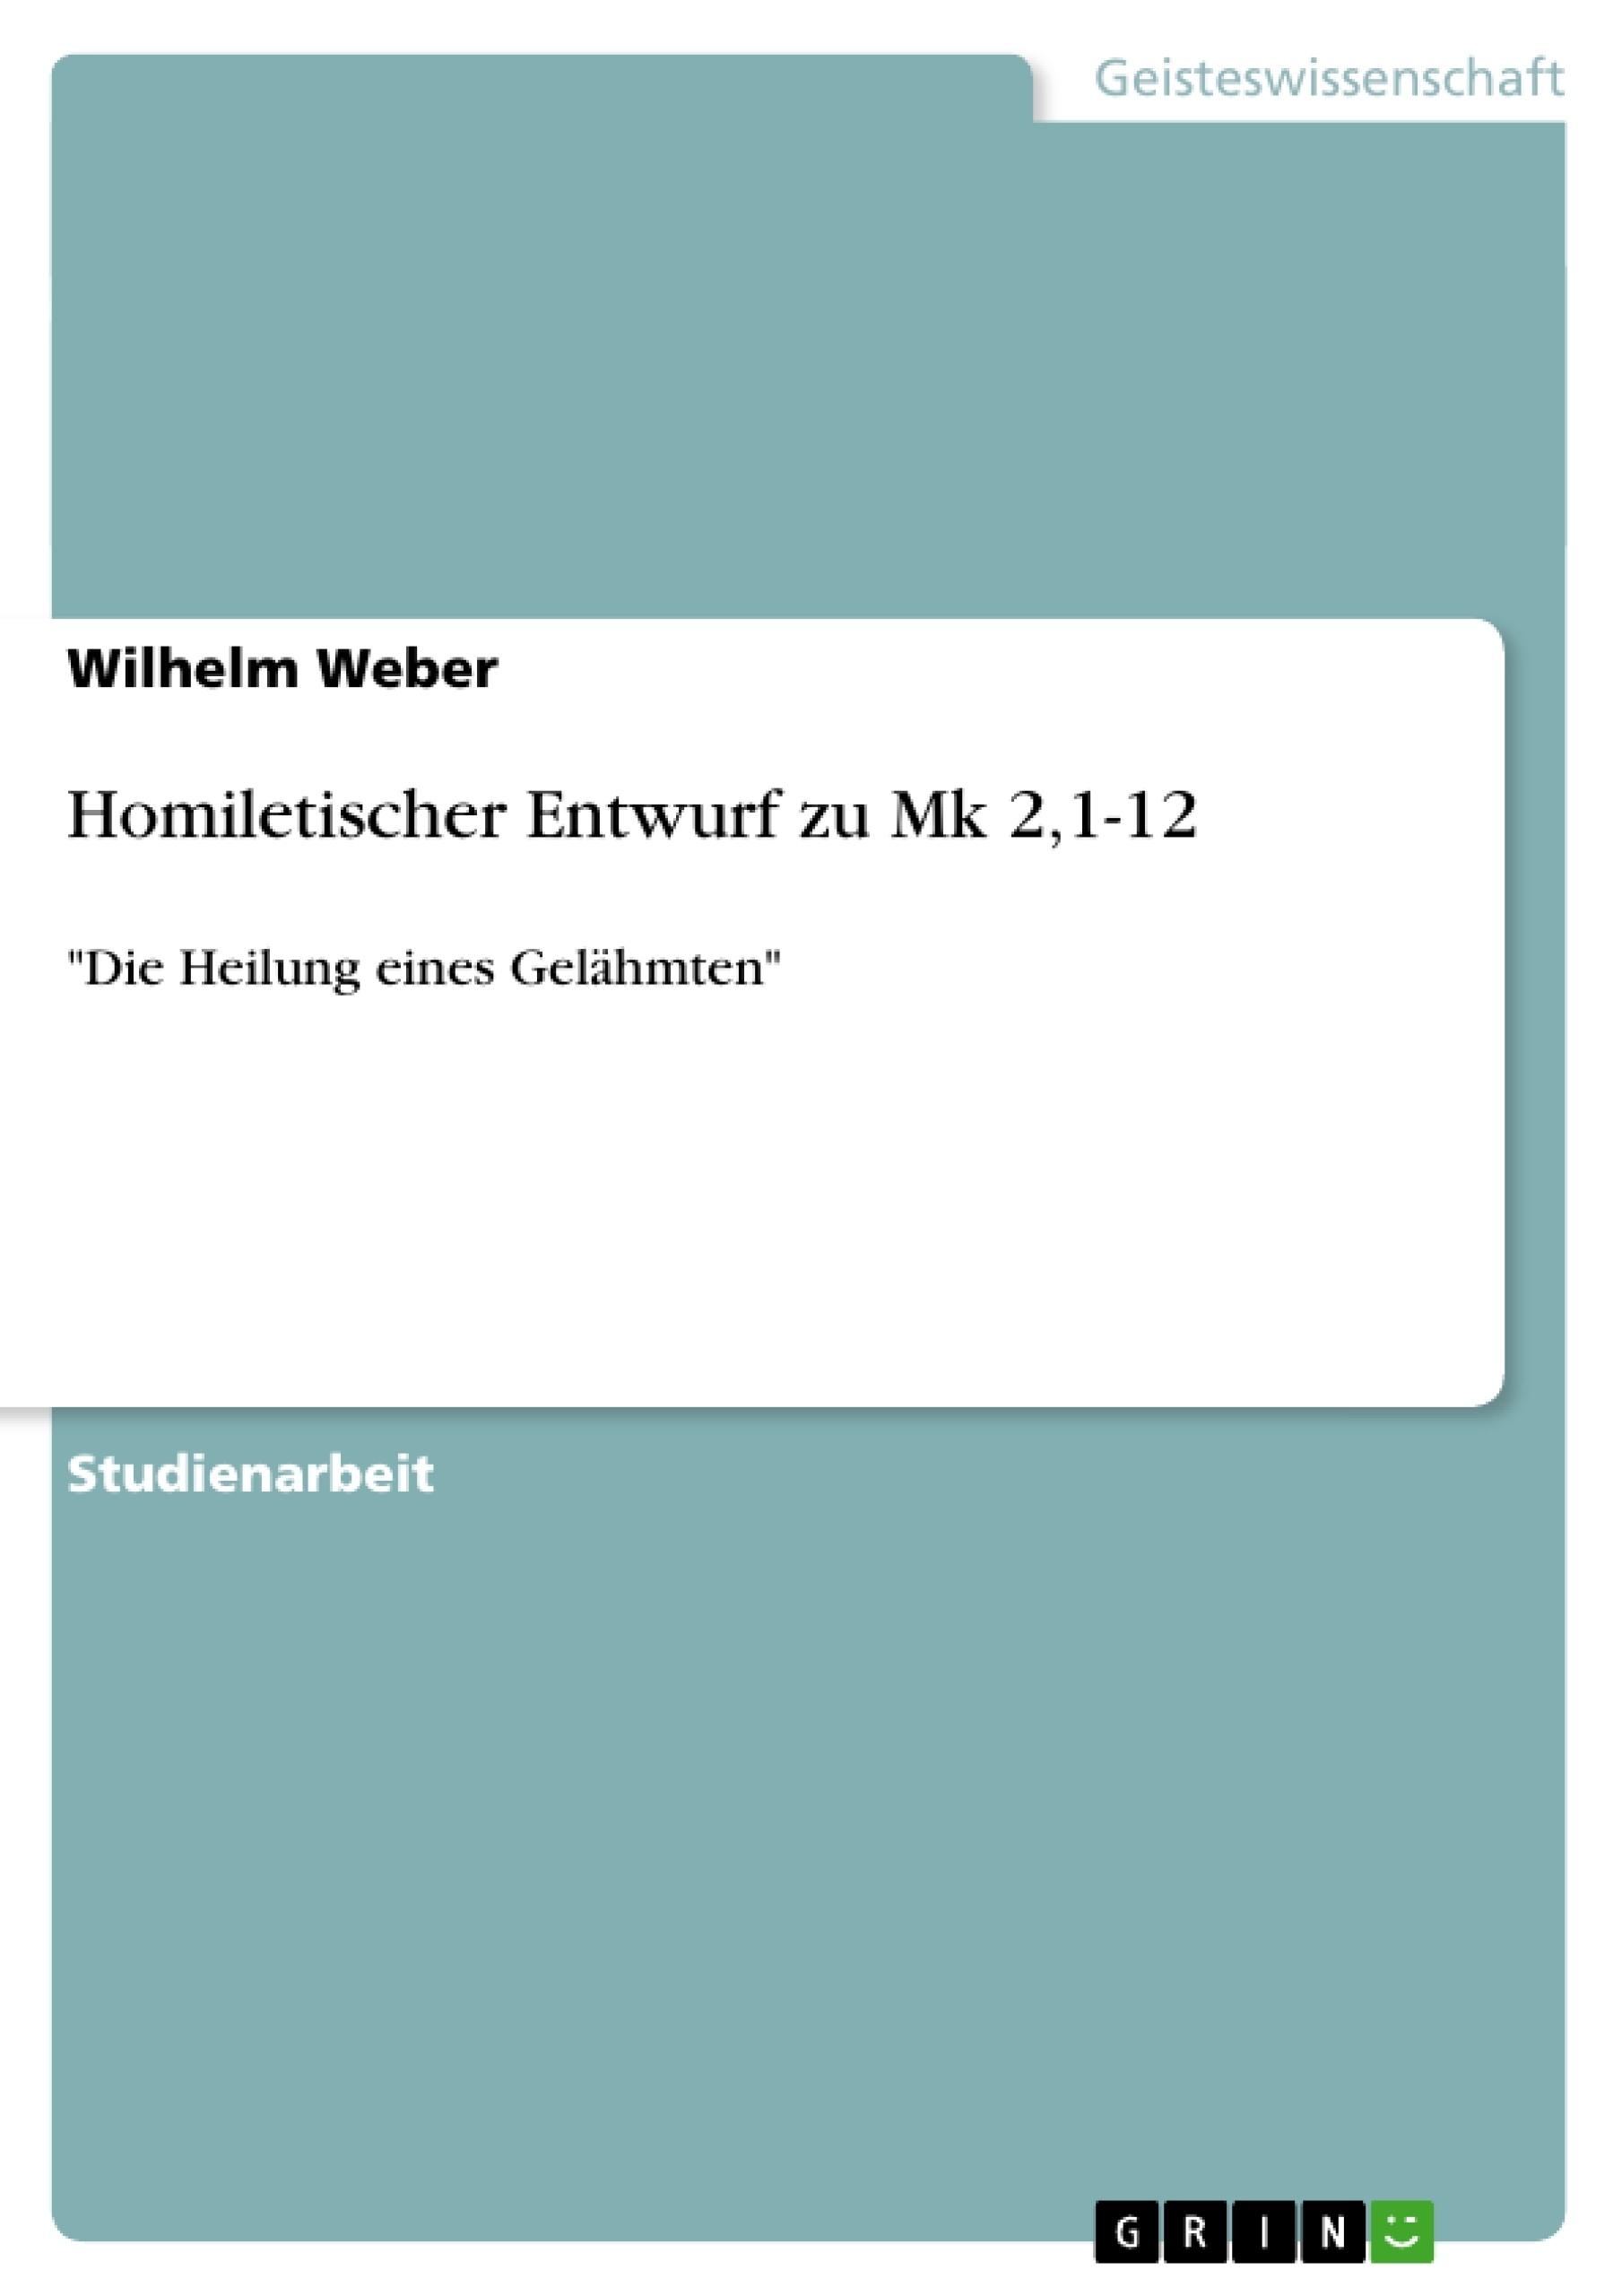 Titel: Homiletischer Entwurf zu Mk 2,1-12